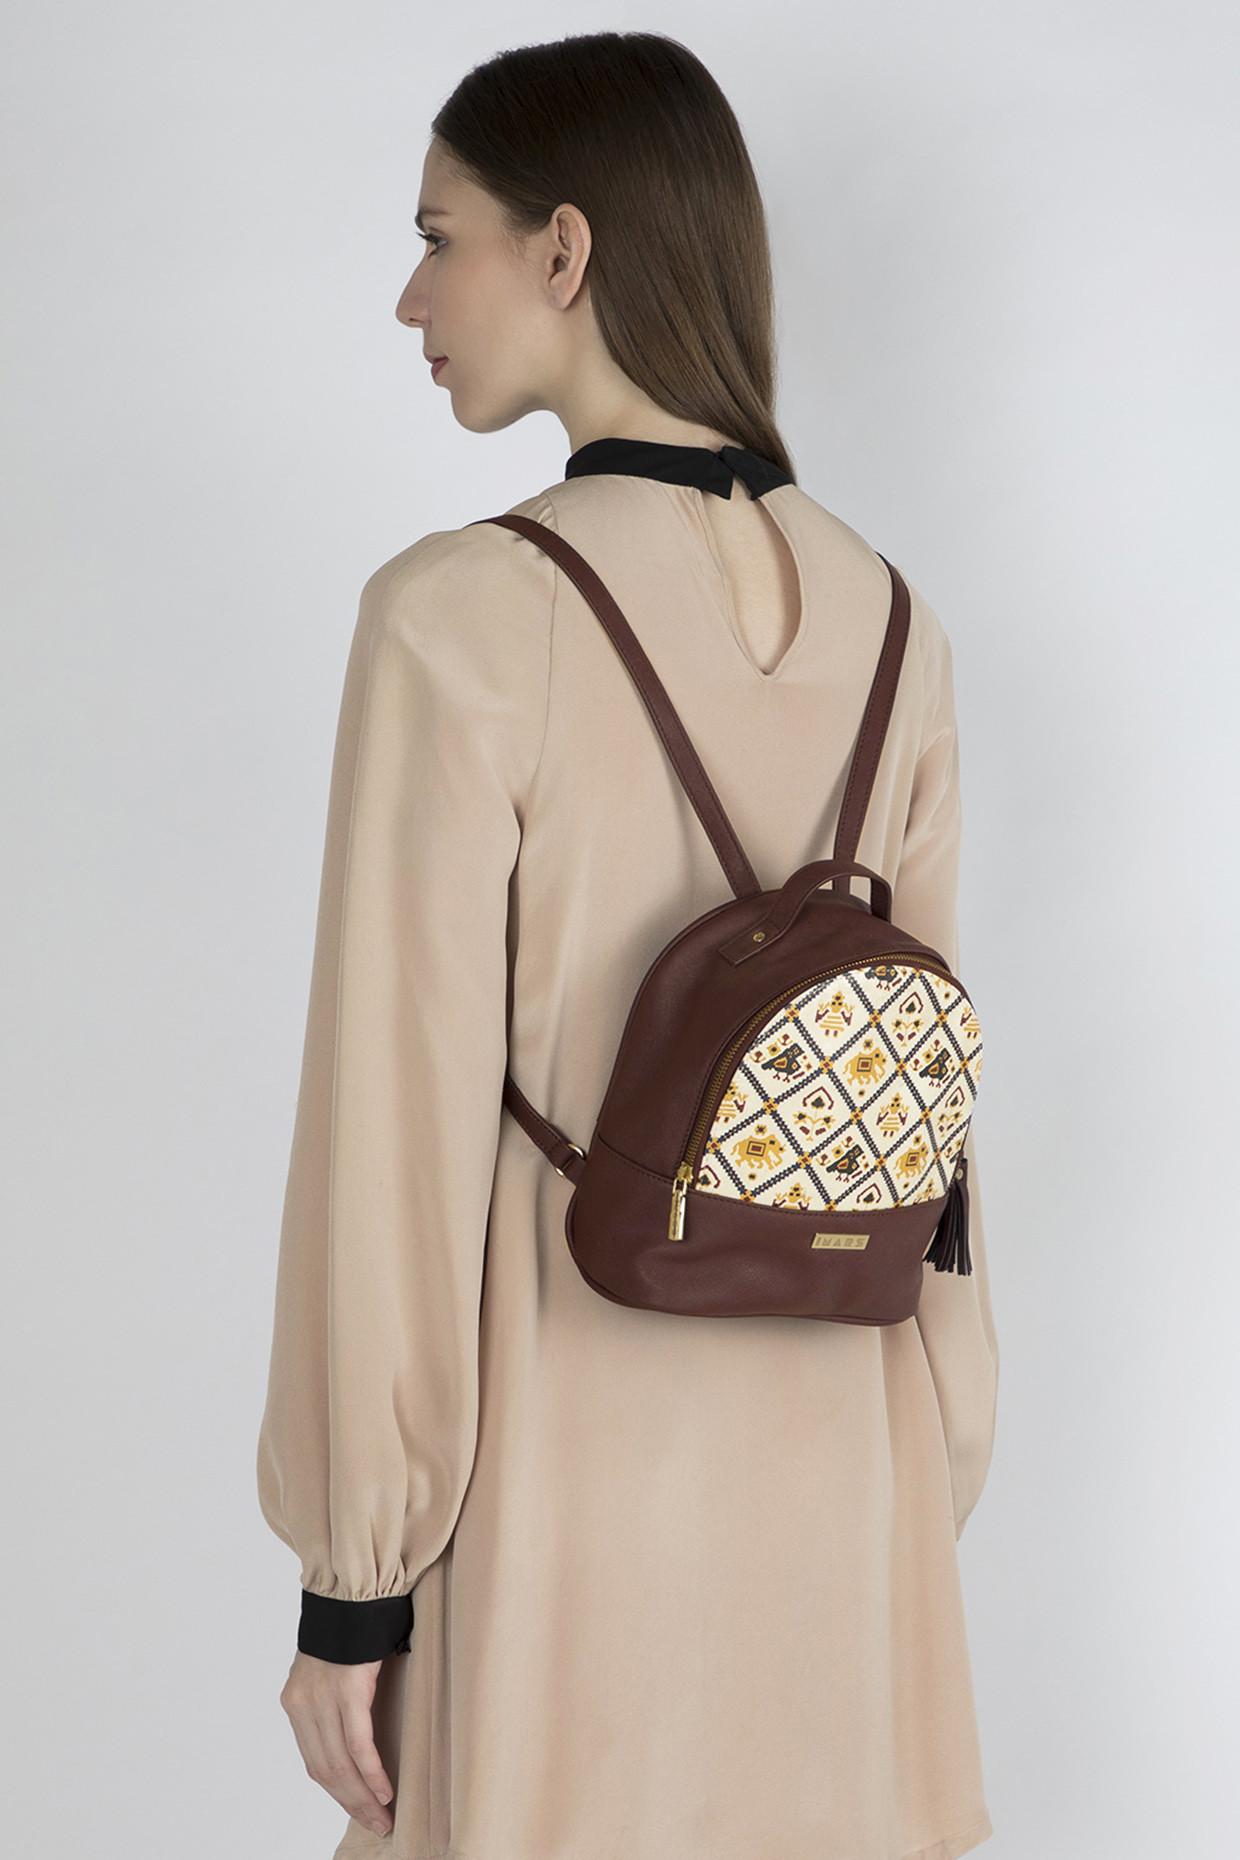 Maroon Multi Functional Backpack by Imars